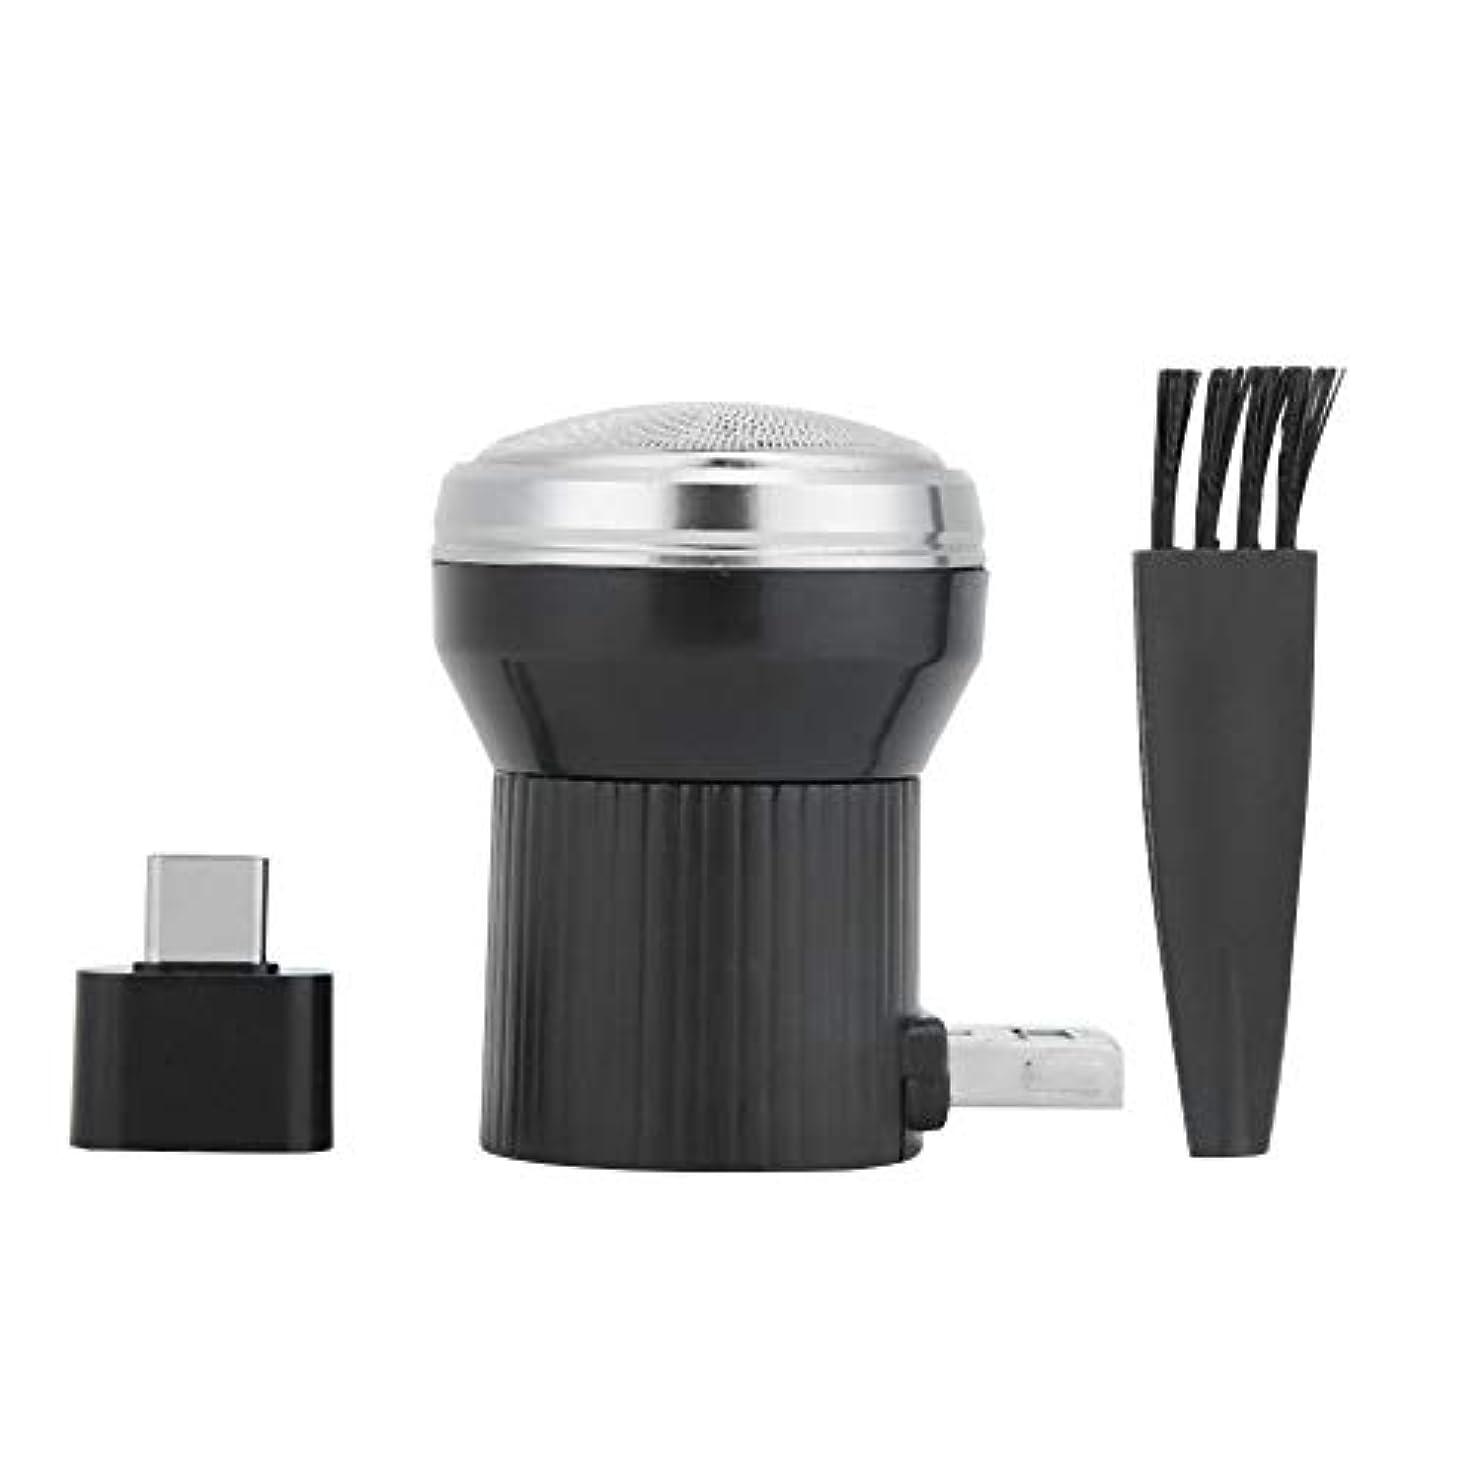 教育つなぐメディカルDC5V 4.5W メンズシェーバー 髭剃り 回転式 USBシェーバー 携帯電話/USB充電式 持ち運び便利 電気シェーバー USBポート